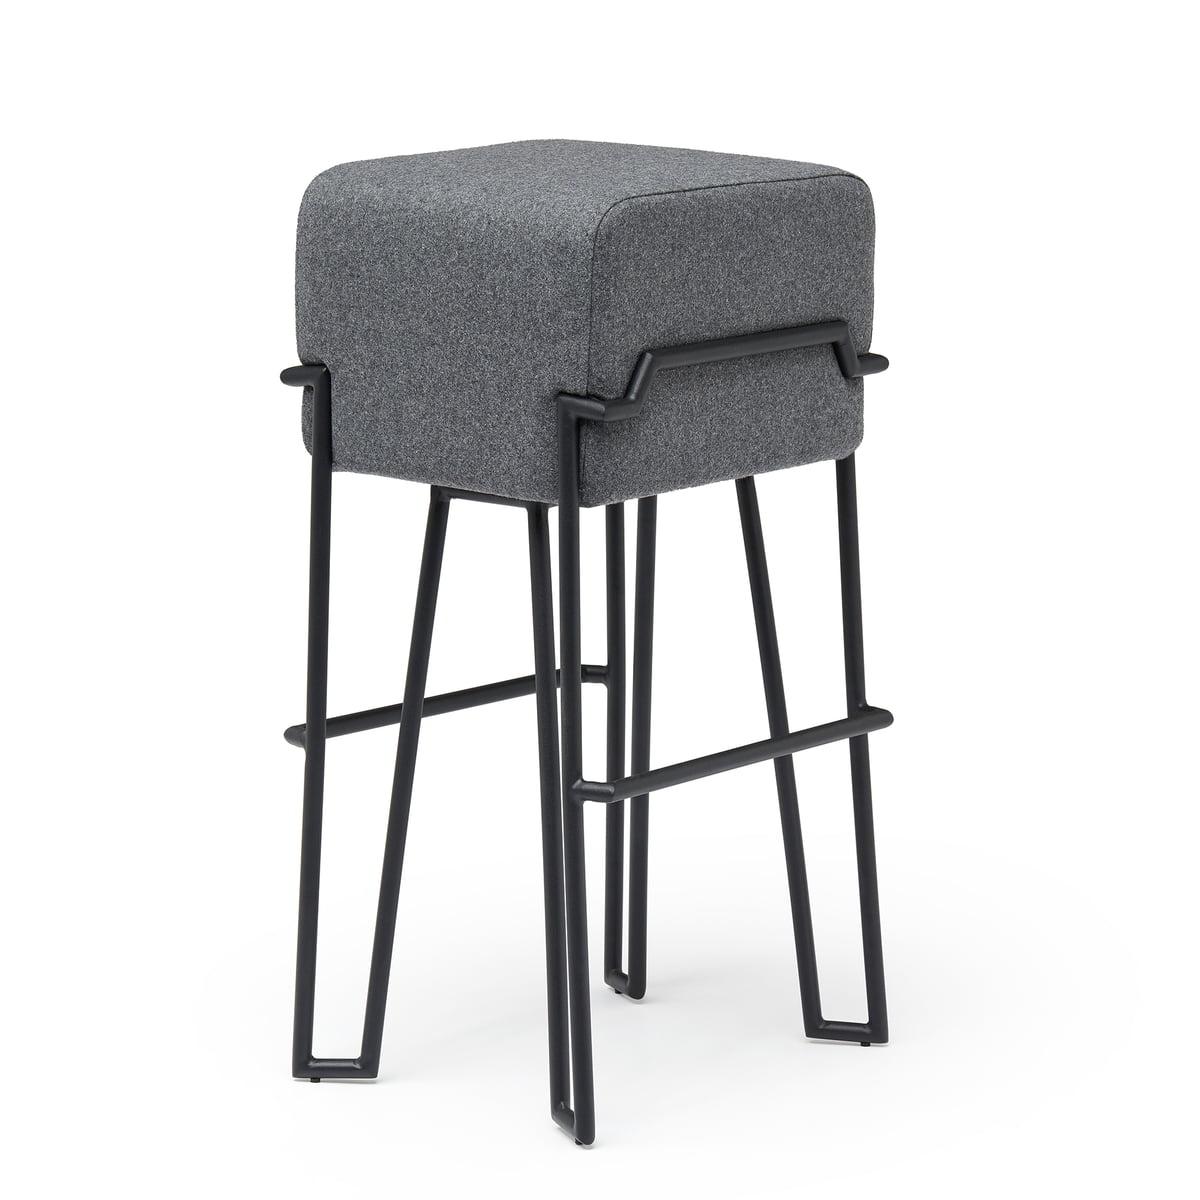 Puik - Bokk Barhocker H 76 cm, schwarz / grau | Küche und Esszimmer > Bar-Möbel > Barhocker | Grau | Filz | Puik